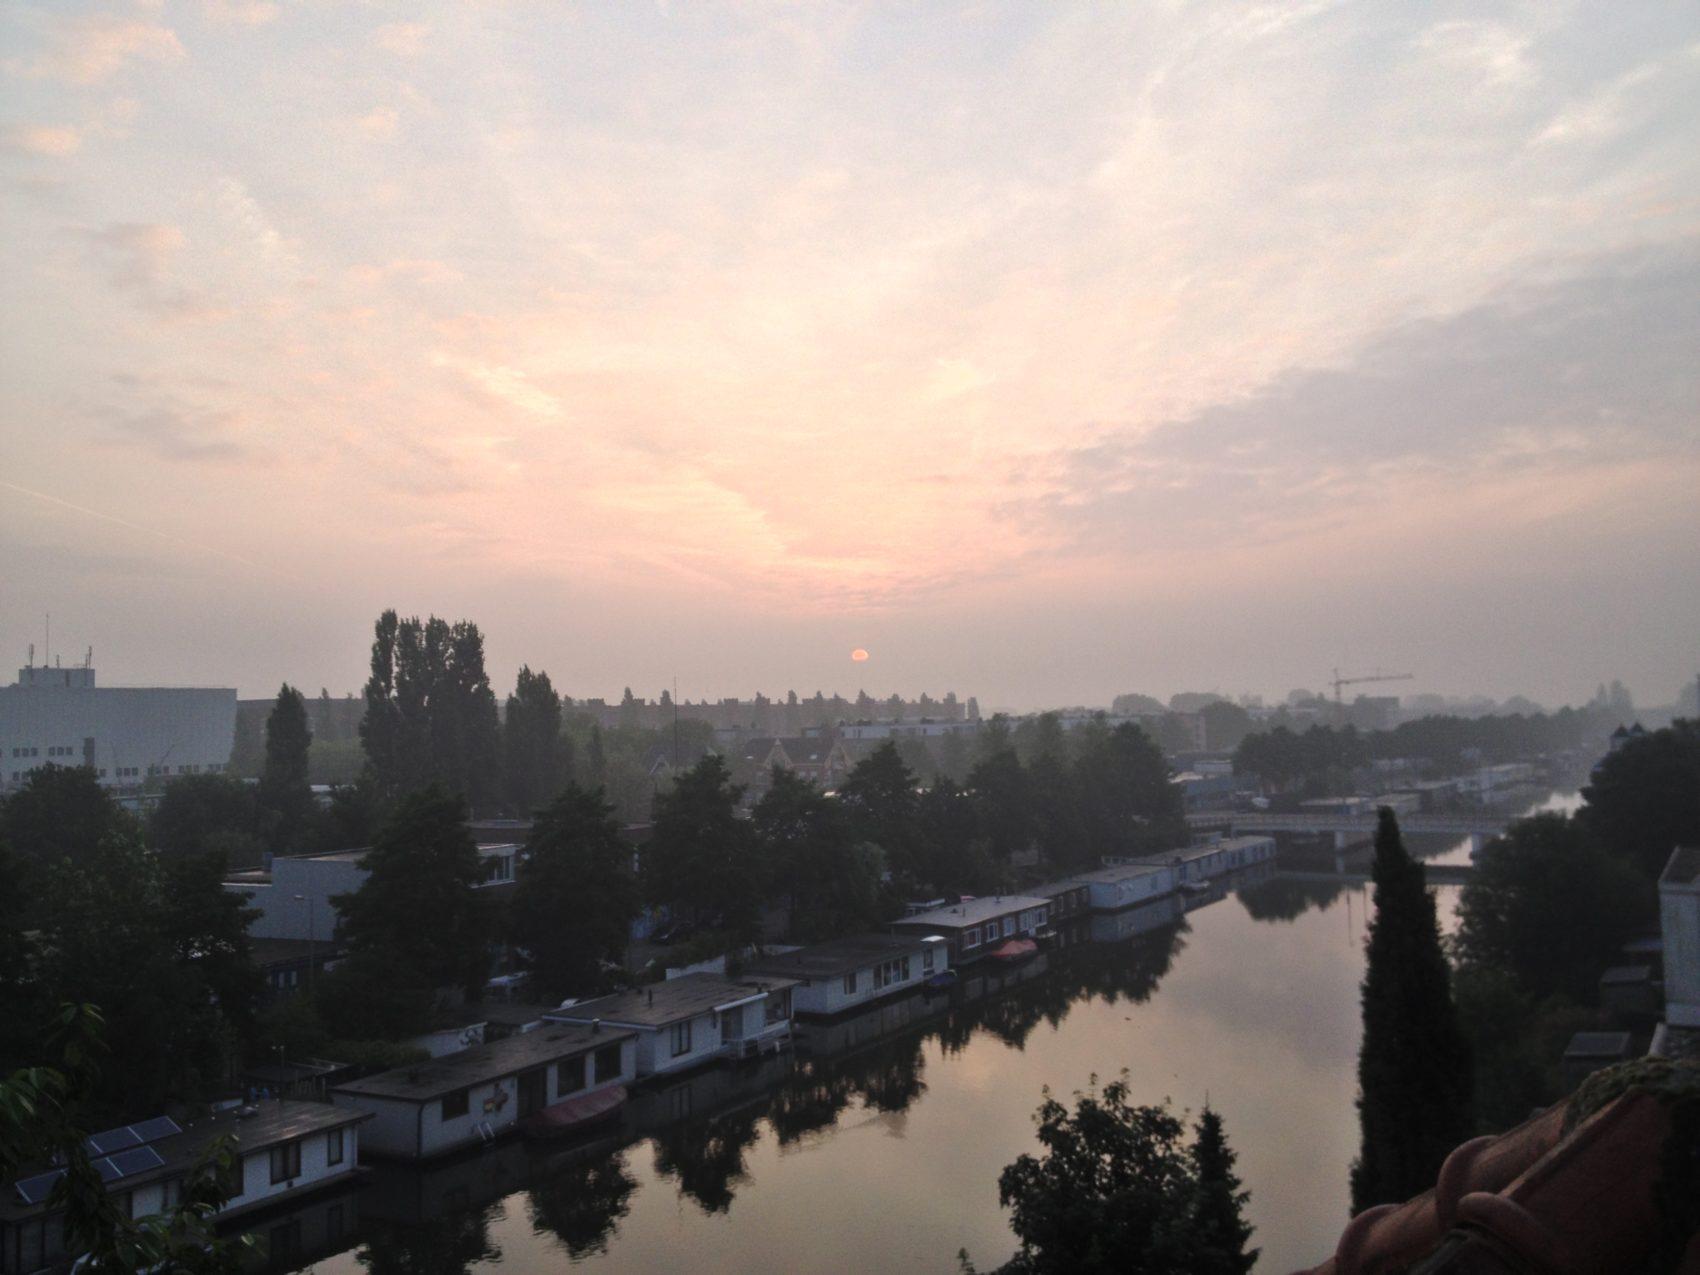 zonsopgang over het lozingskanaal